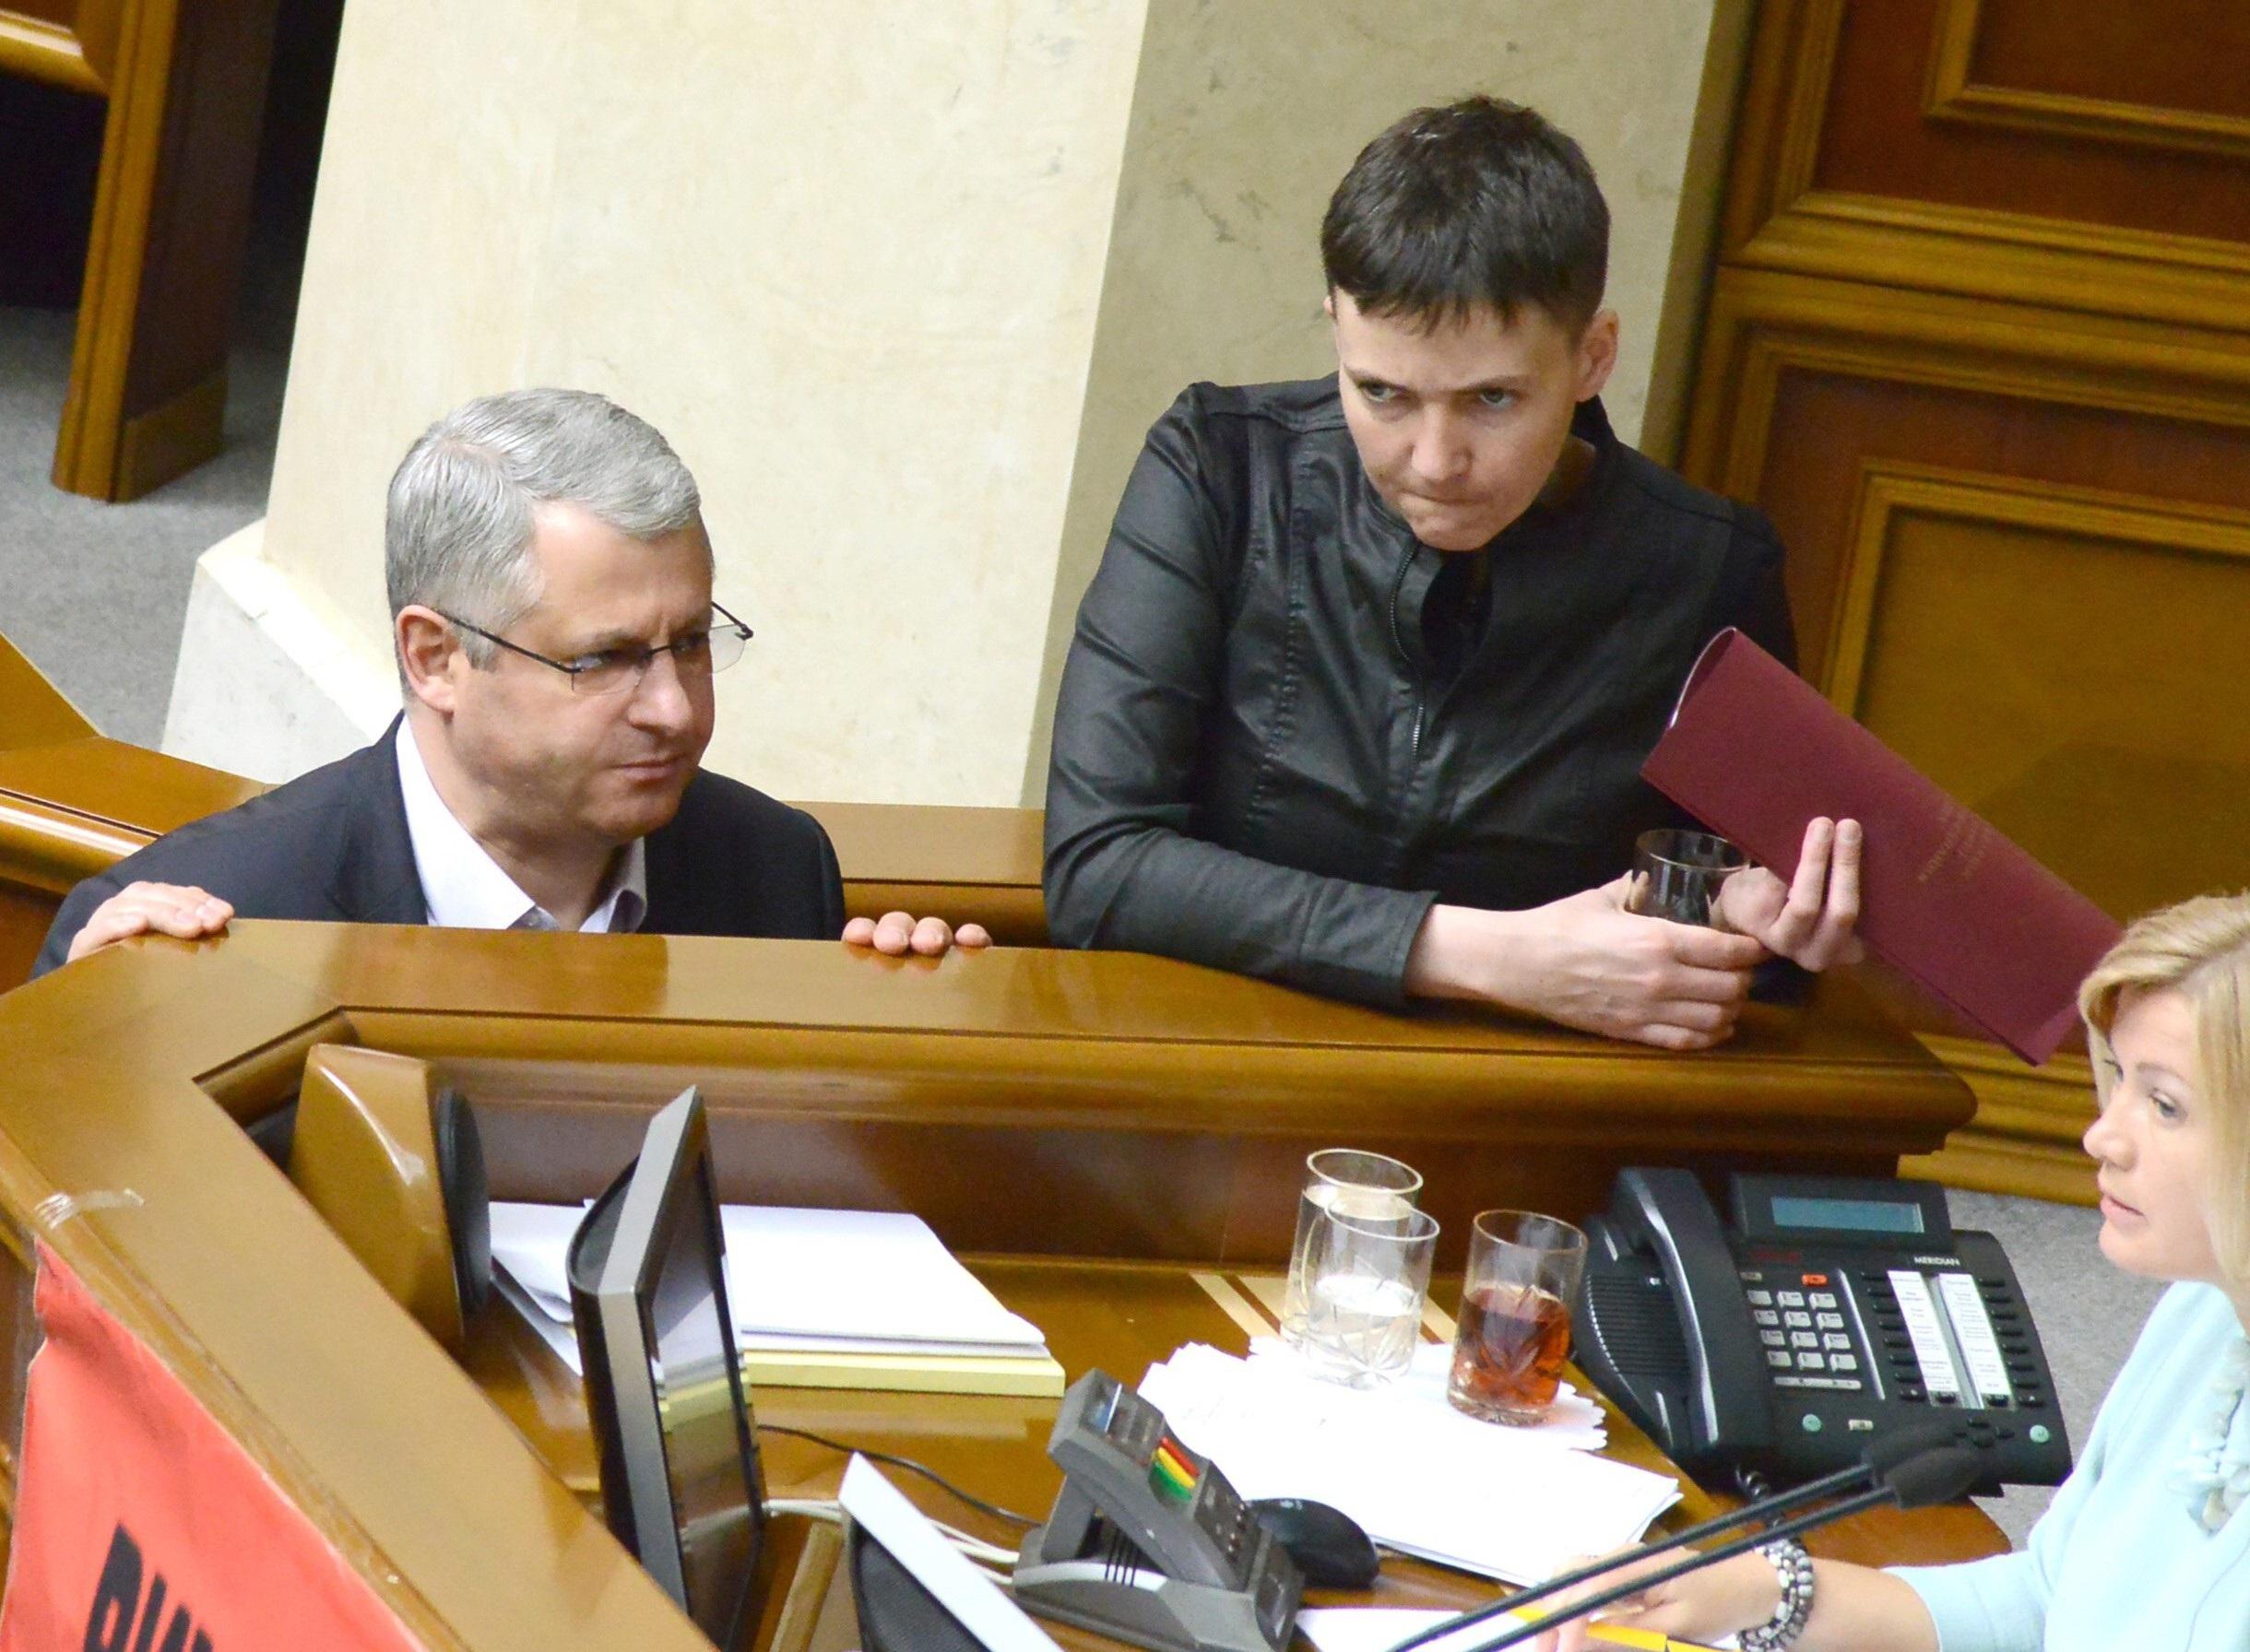 Состояние здоровья Надежды Савченко резко ухудшилось